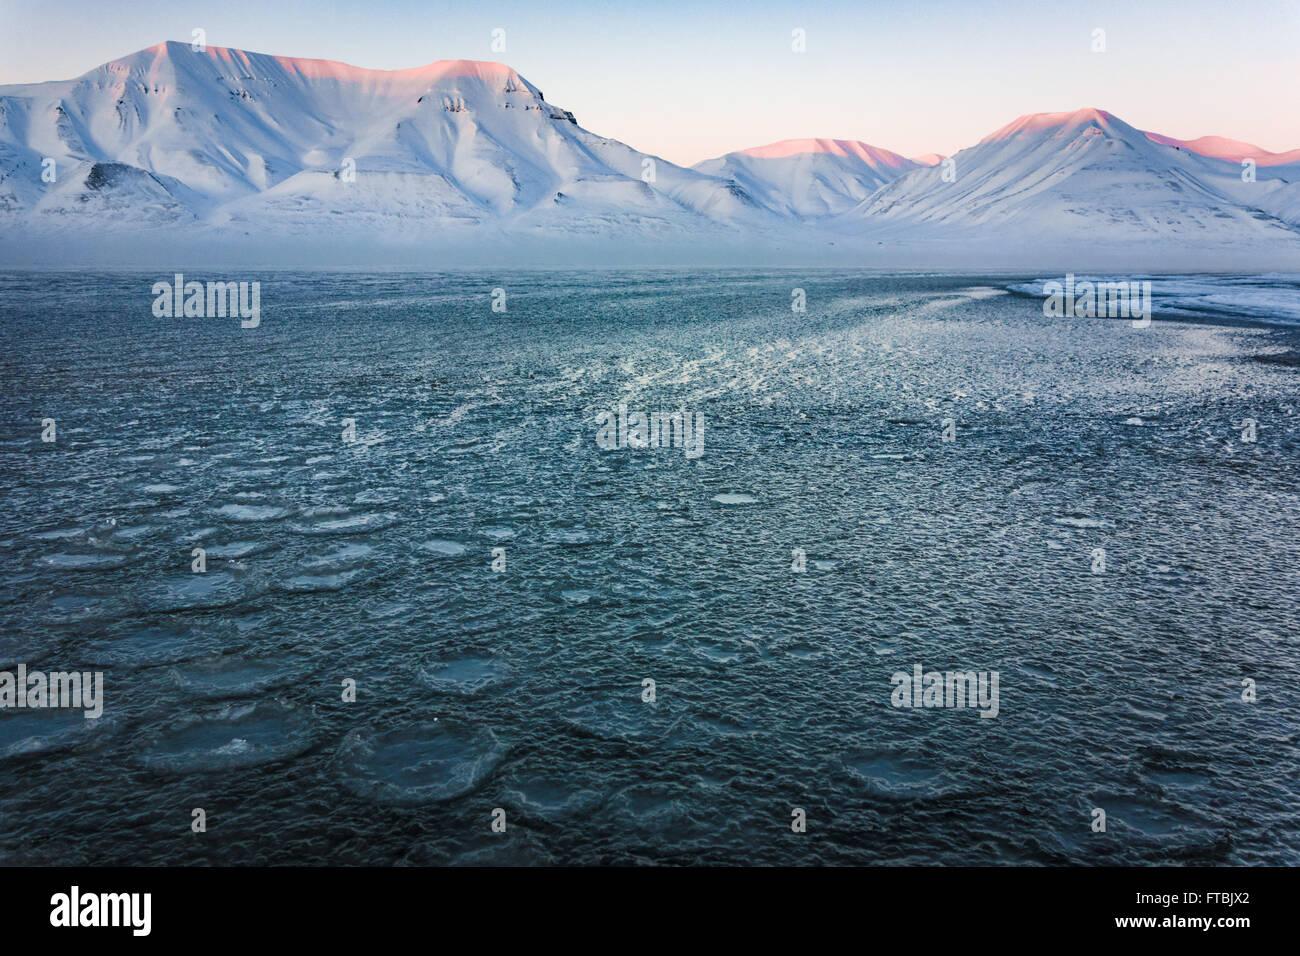 Tramonto litorale congelati a Sjøskrenten spiaggia con vedute Hiorthfjellet, Longyearbyen, Spitsbergen, Svalbard. Immagini Stock